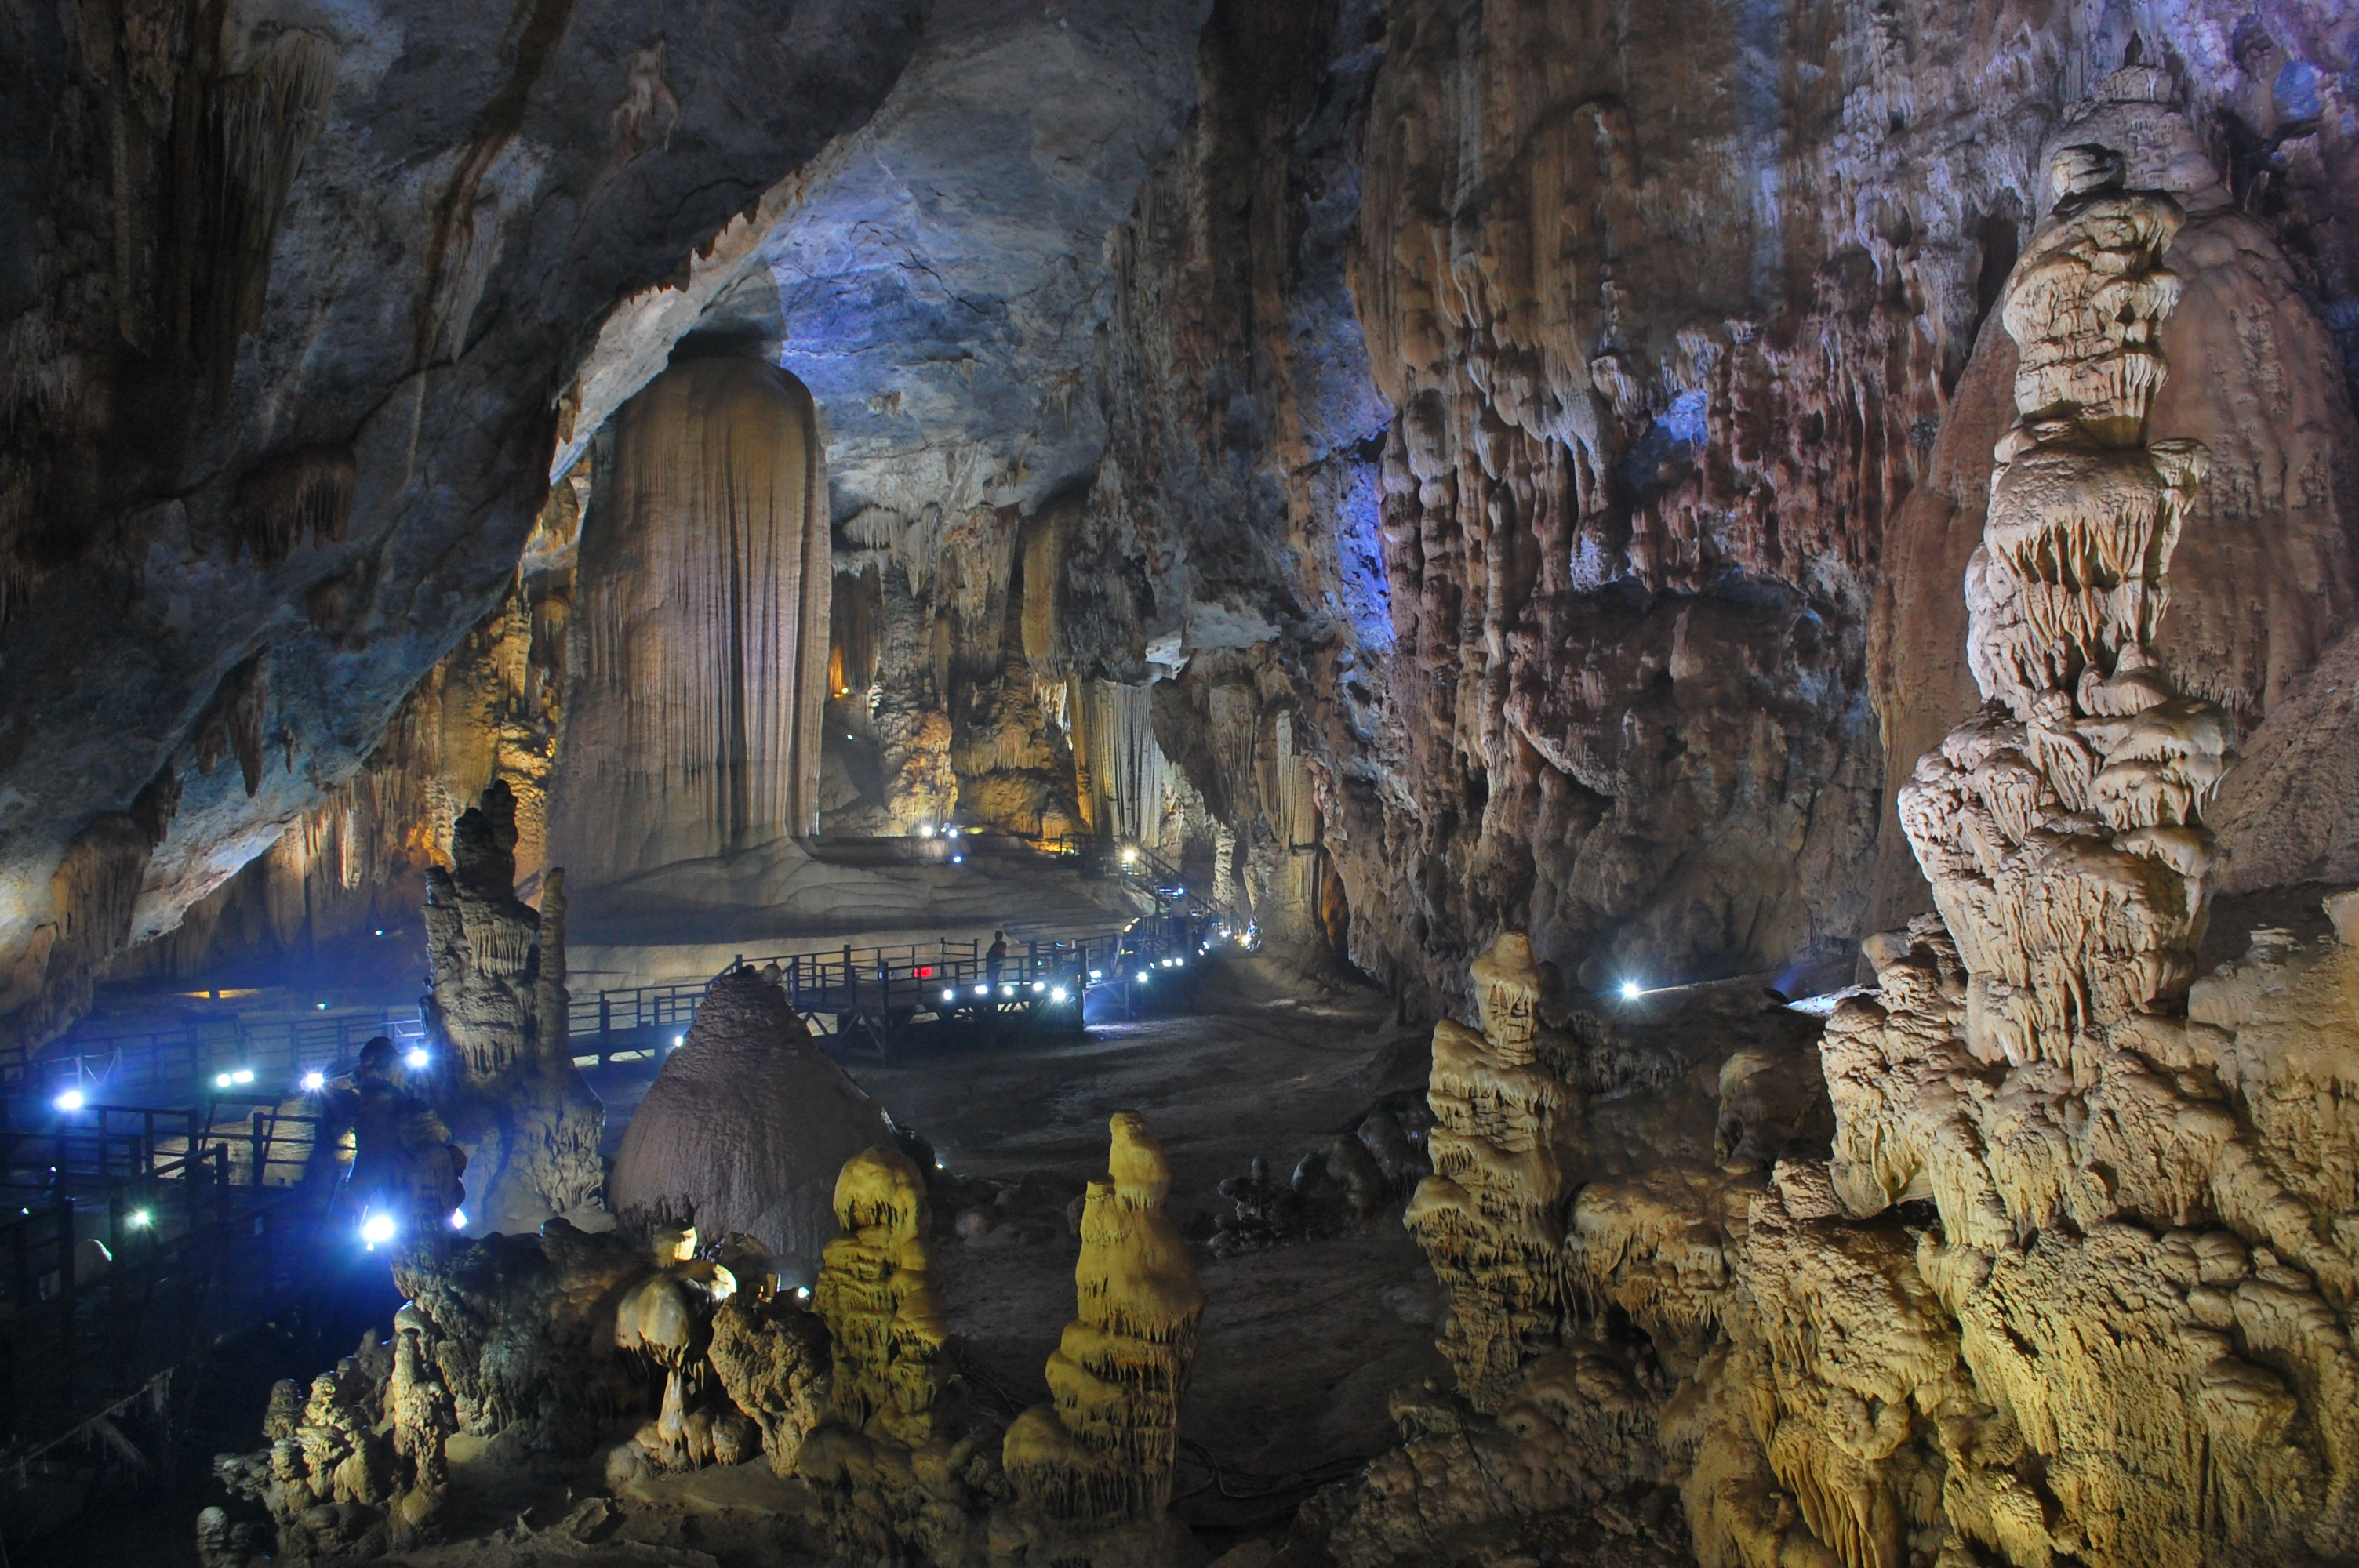 Tien Son Cave